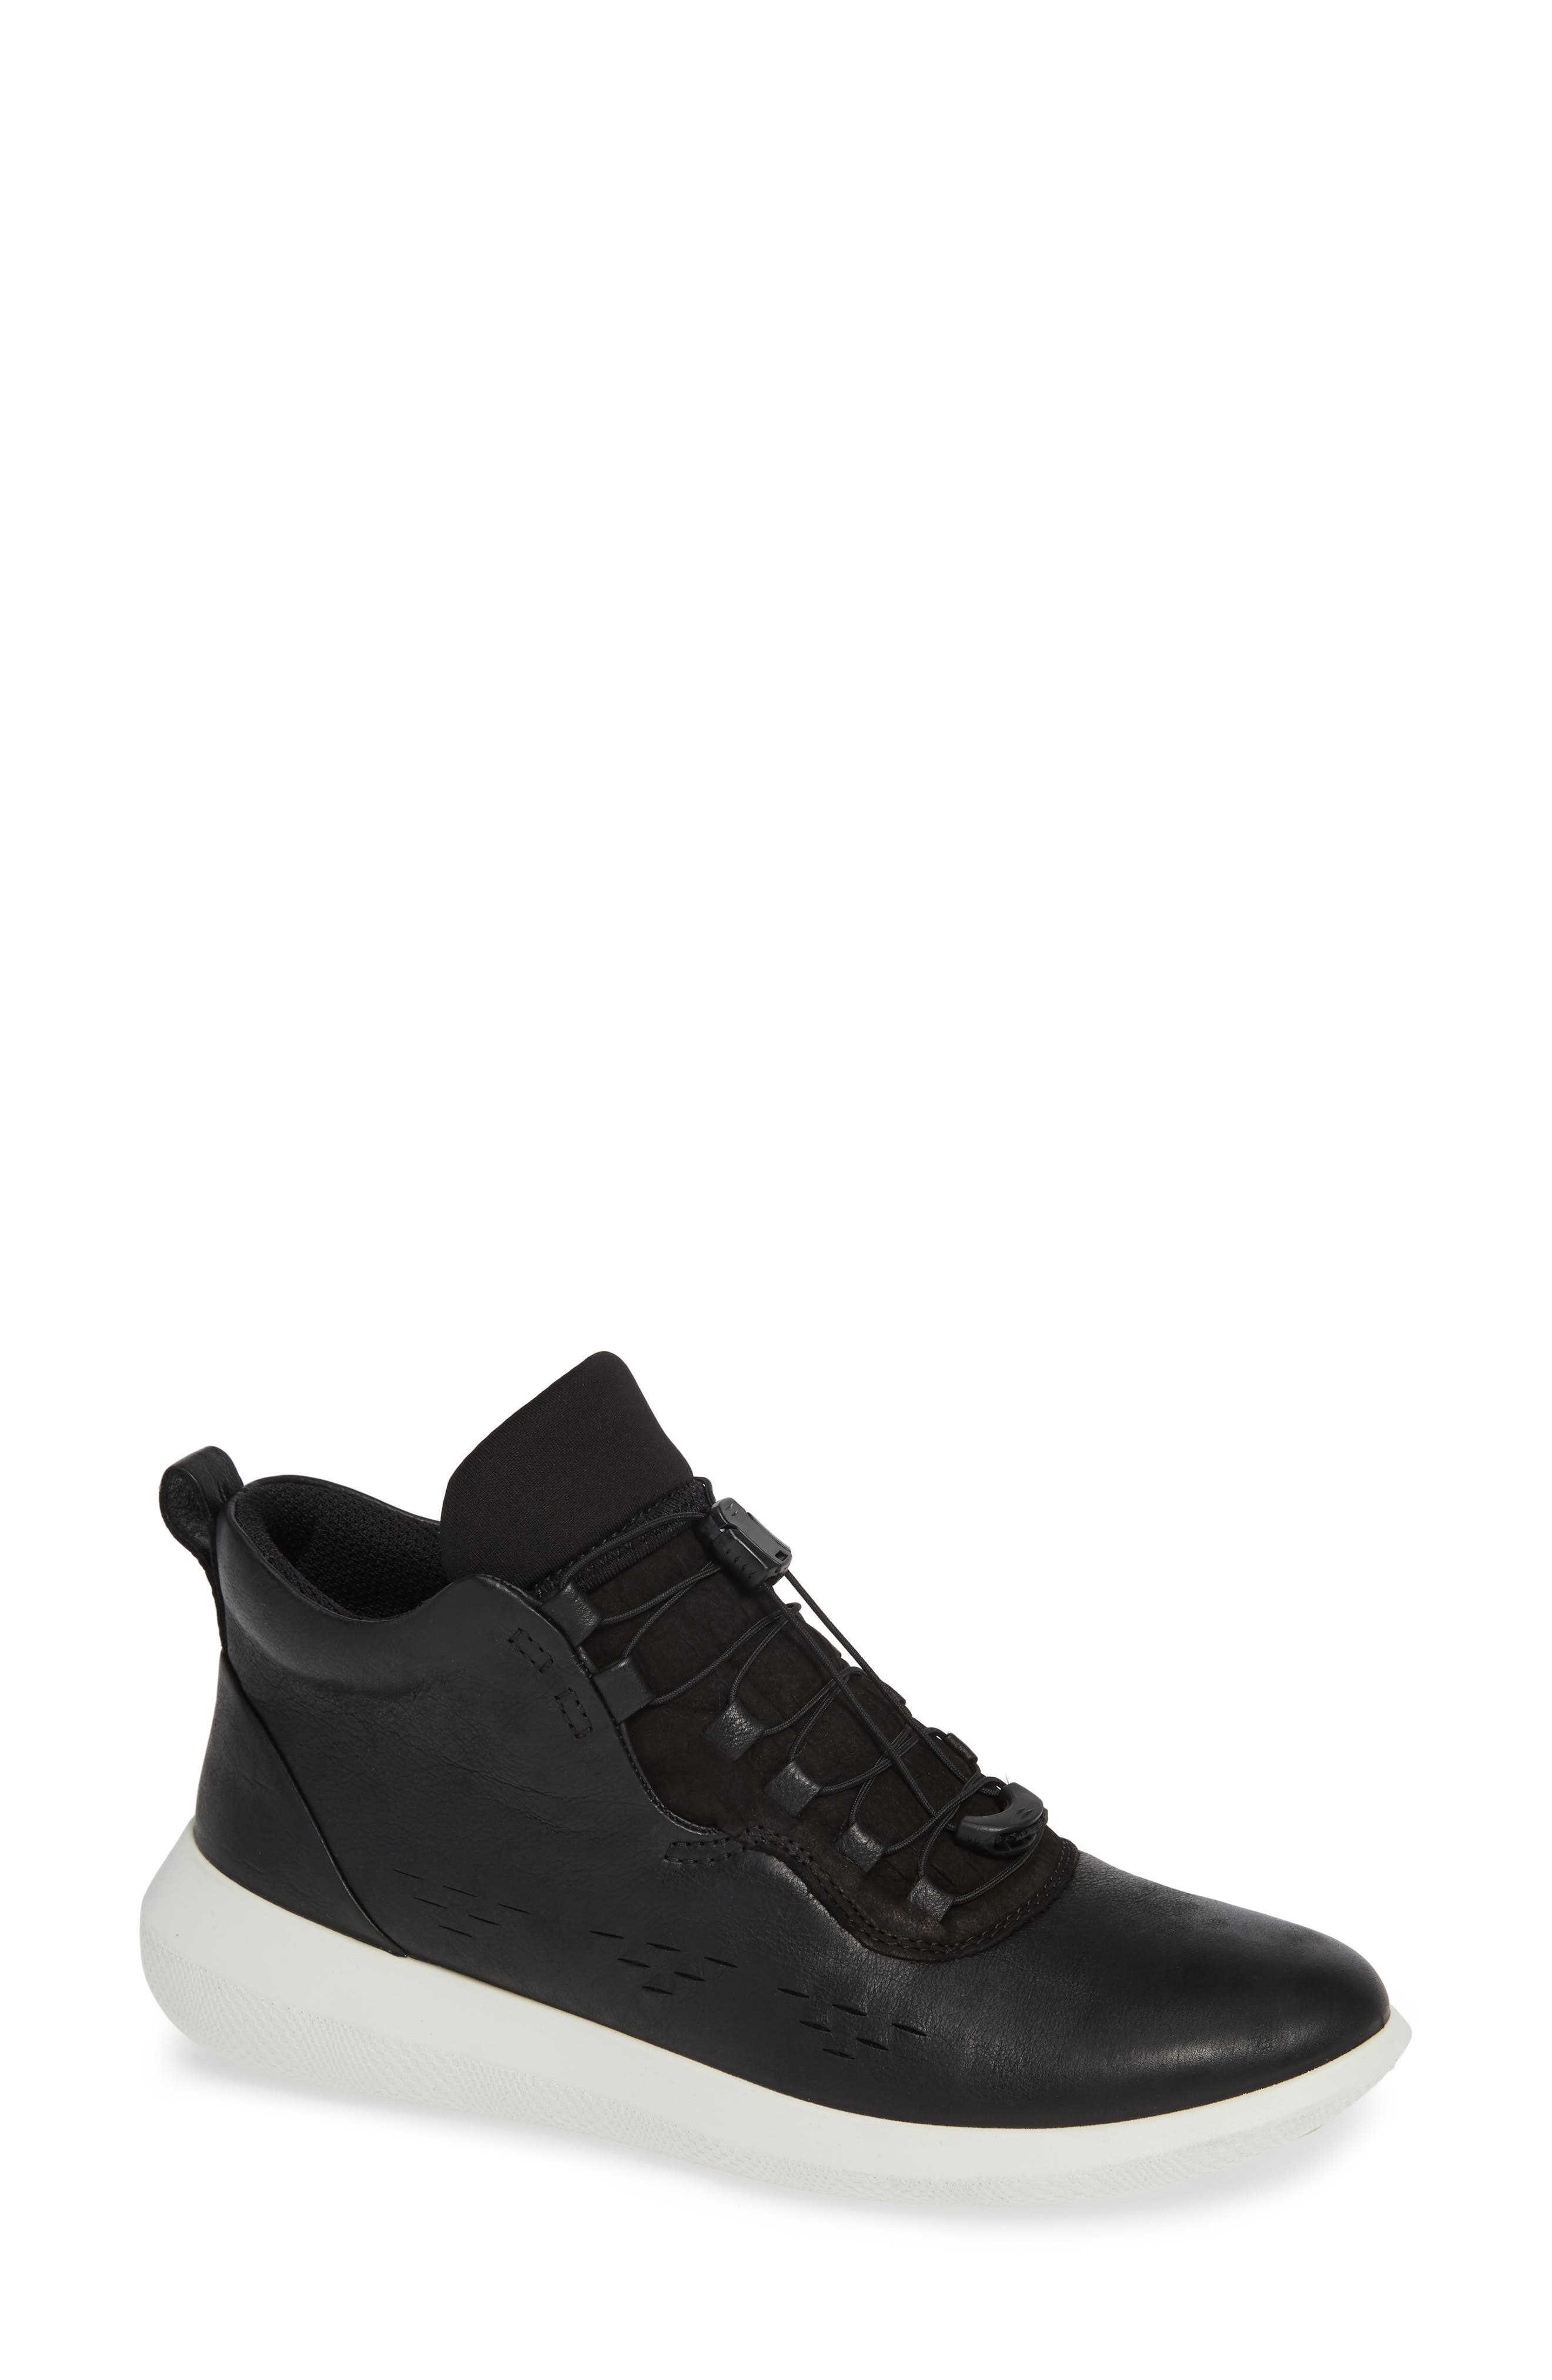 Ecco Scinapse High Top Sneaker